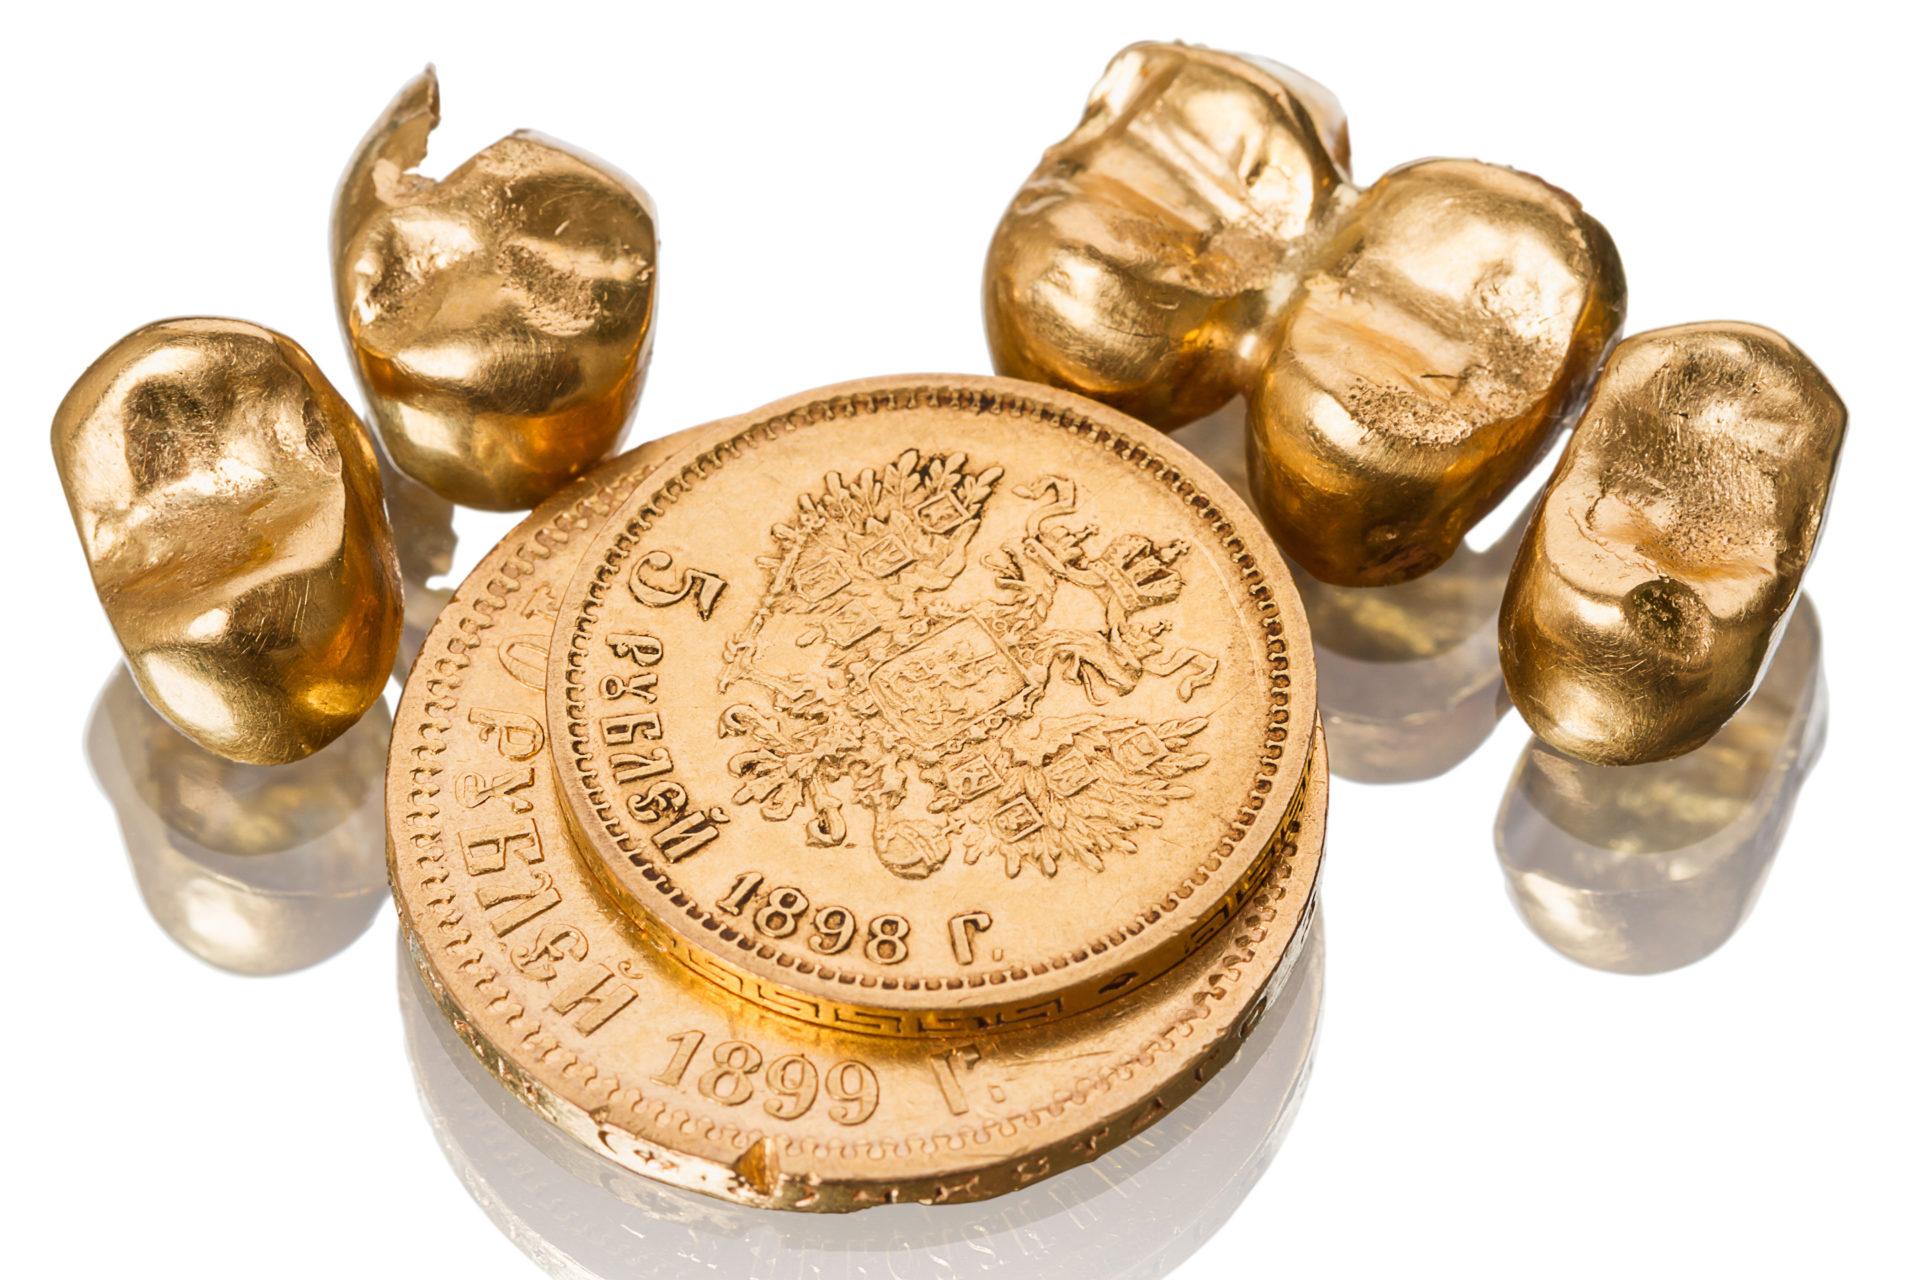 Gold dental crowns and old coin_Zahngold-verkaufen_Zahngold-ankaufen_Zahnkrone aus Gold_Aurax Edelmetallhandel GmbH, Ist es notwendig persönlich in die Filiale zu kommen, um mein Zahngold zu verkaufen?